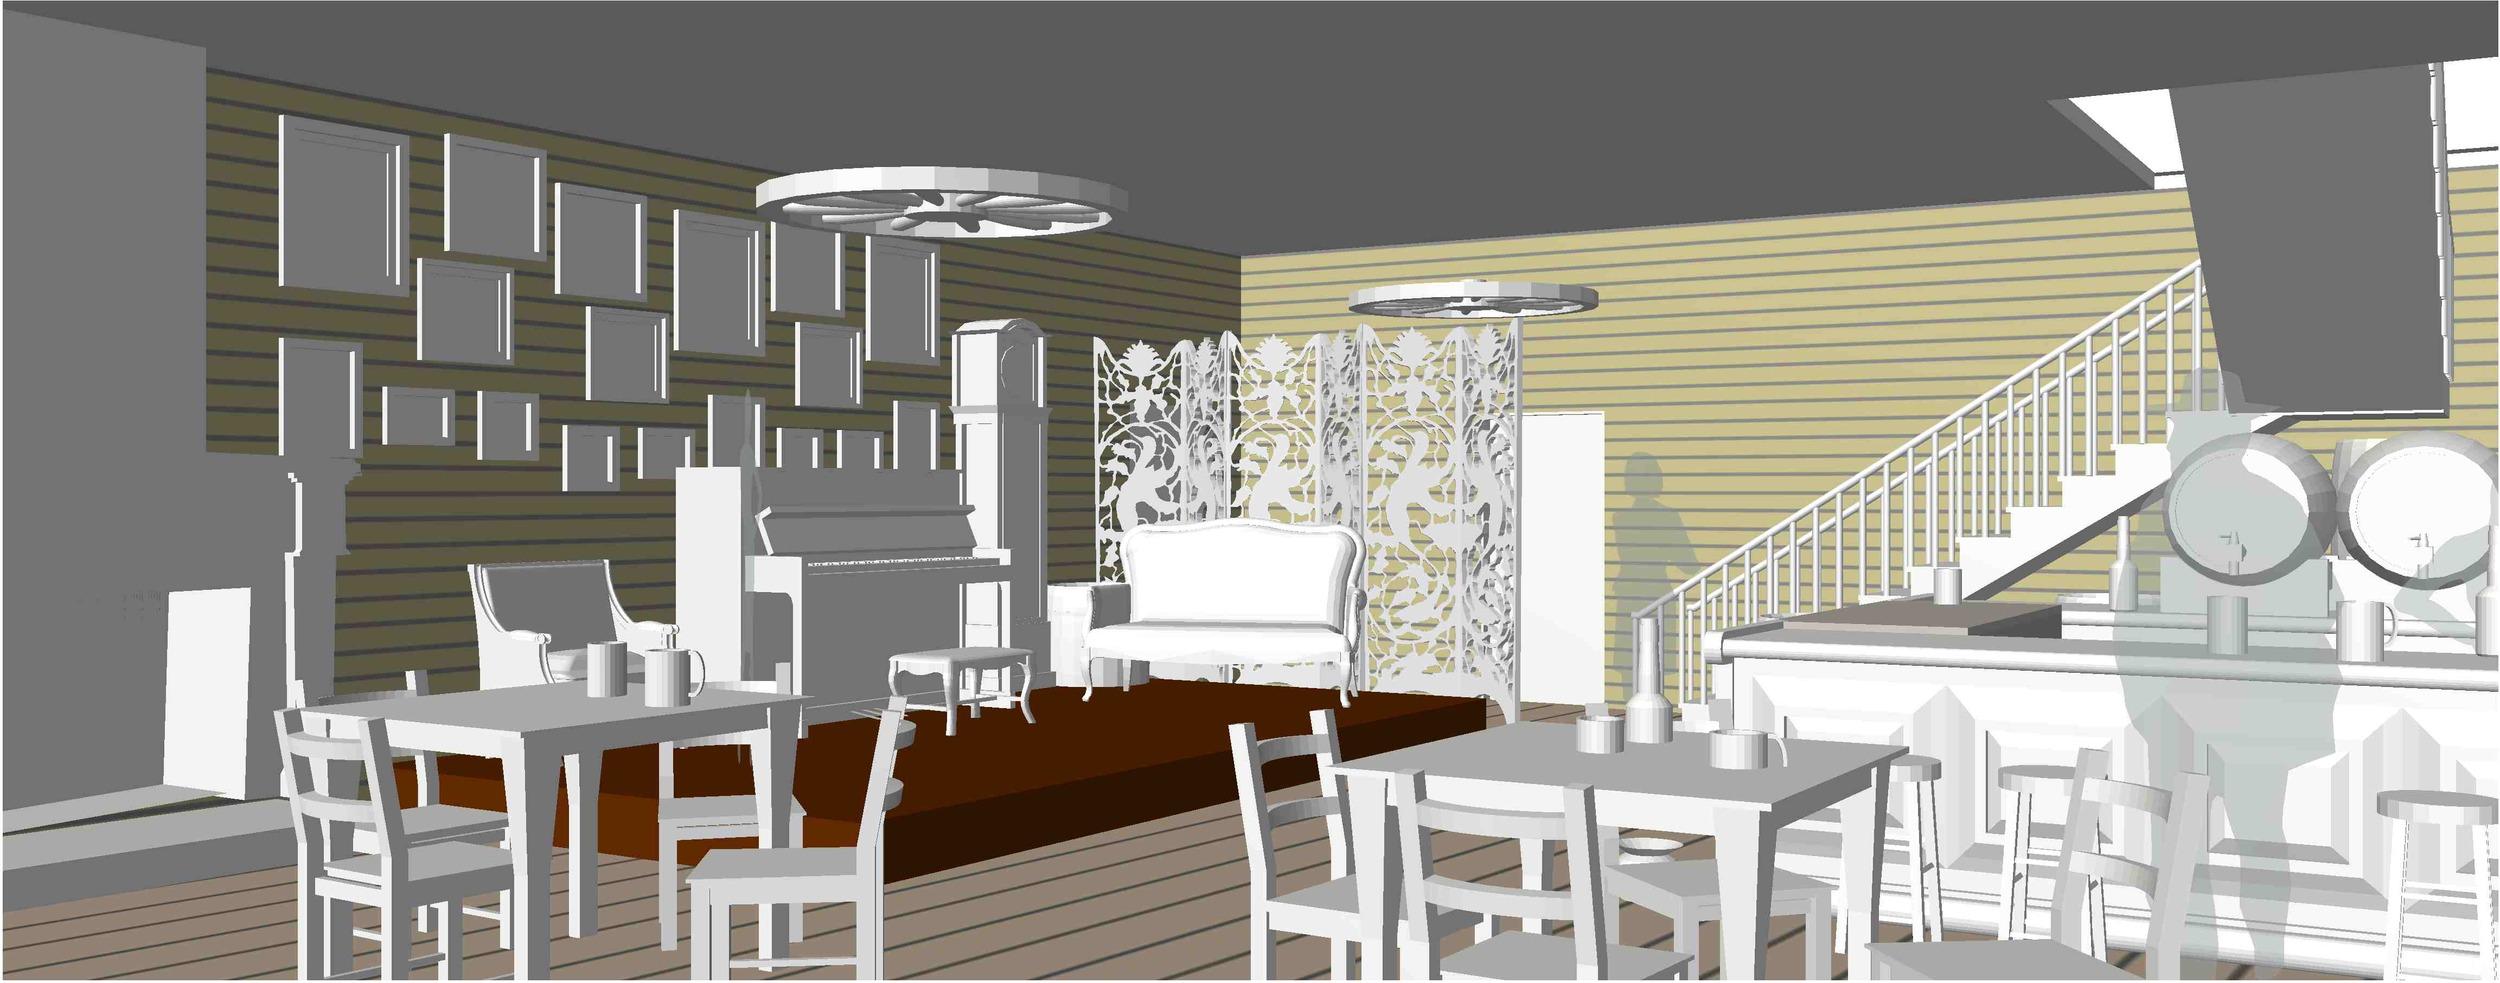 Int Bar Model 3D export03 copy.JPG